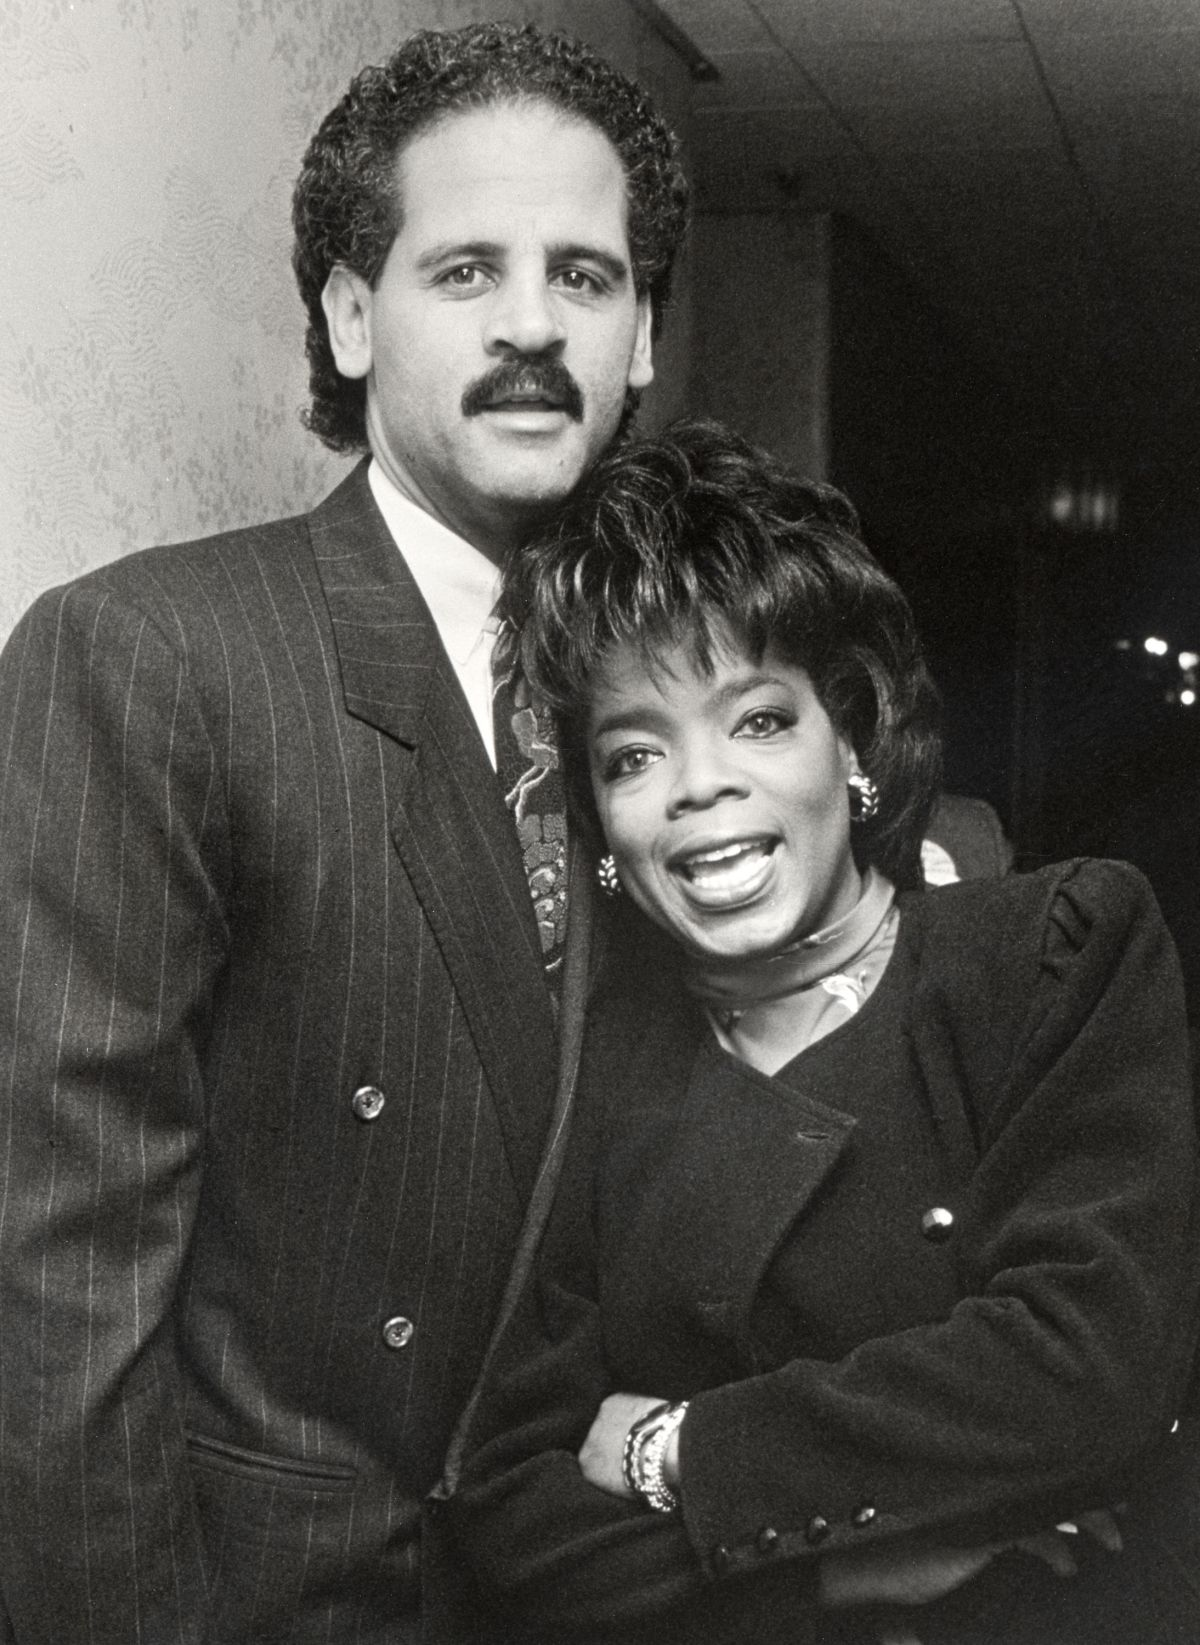 black and white picture if Oprah Winfrey with her boyfriend Stedman Graham. Oprah Winfrey's boyfriend Stedman Graham revealed that he was known as Mr. Oprah untill 1997